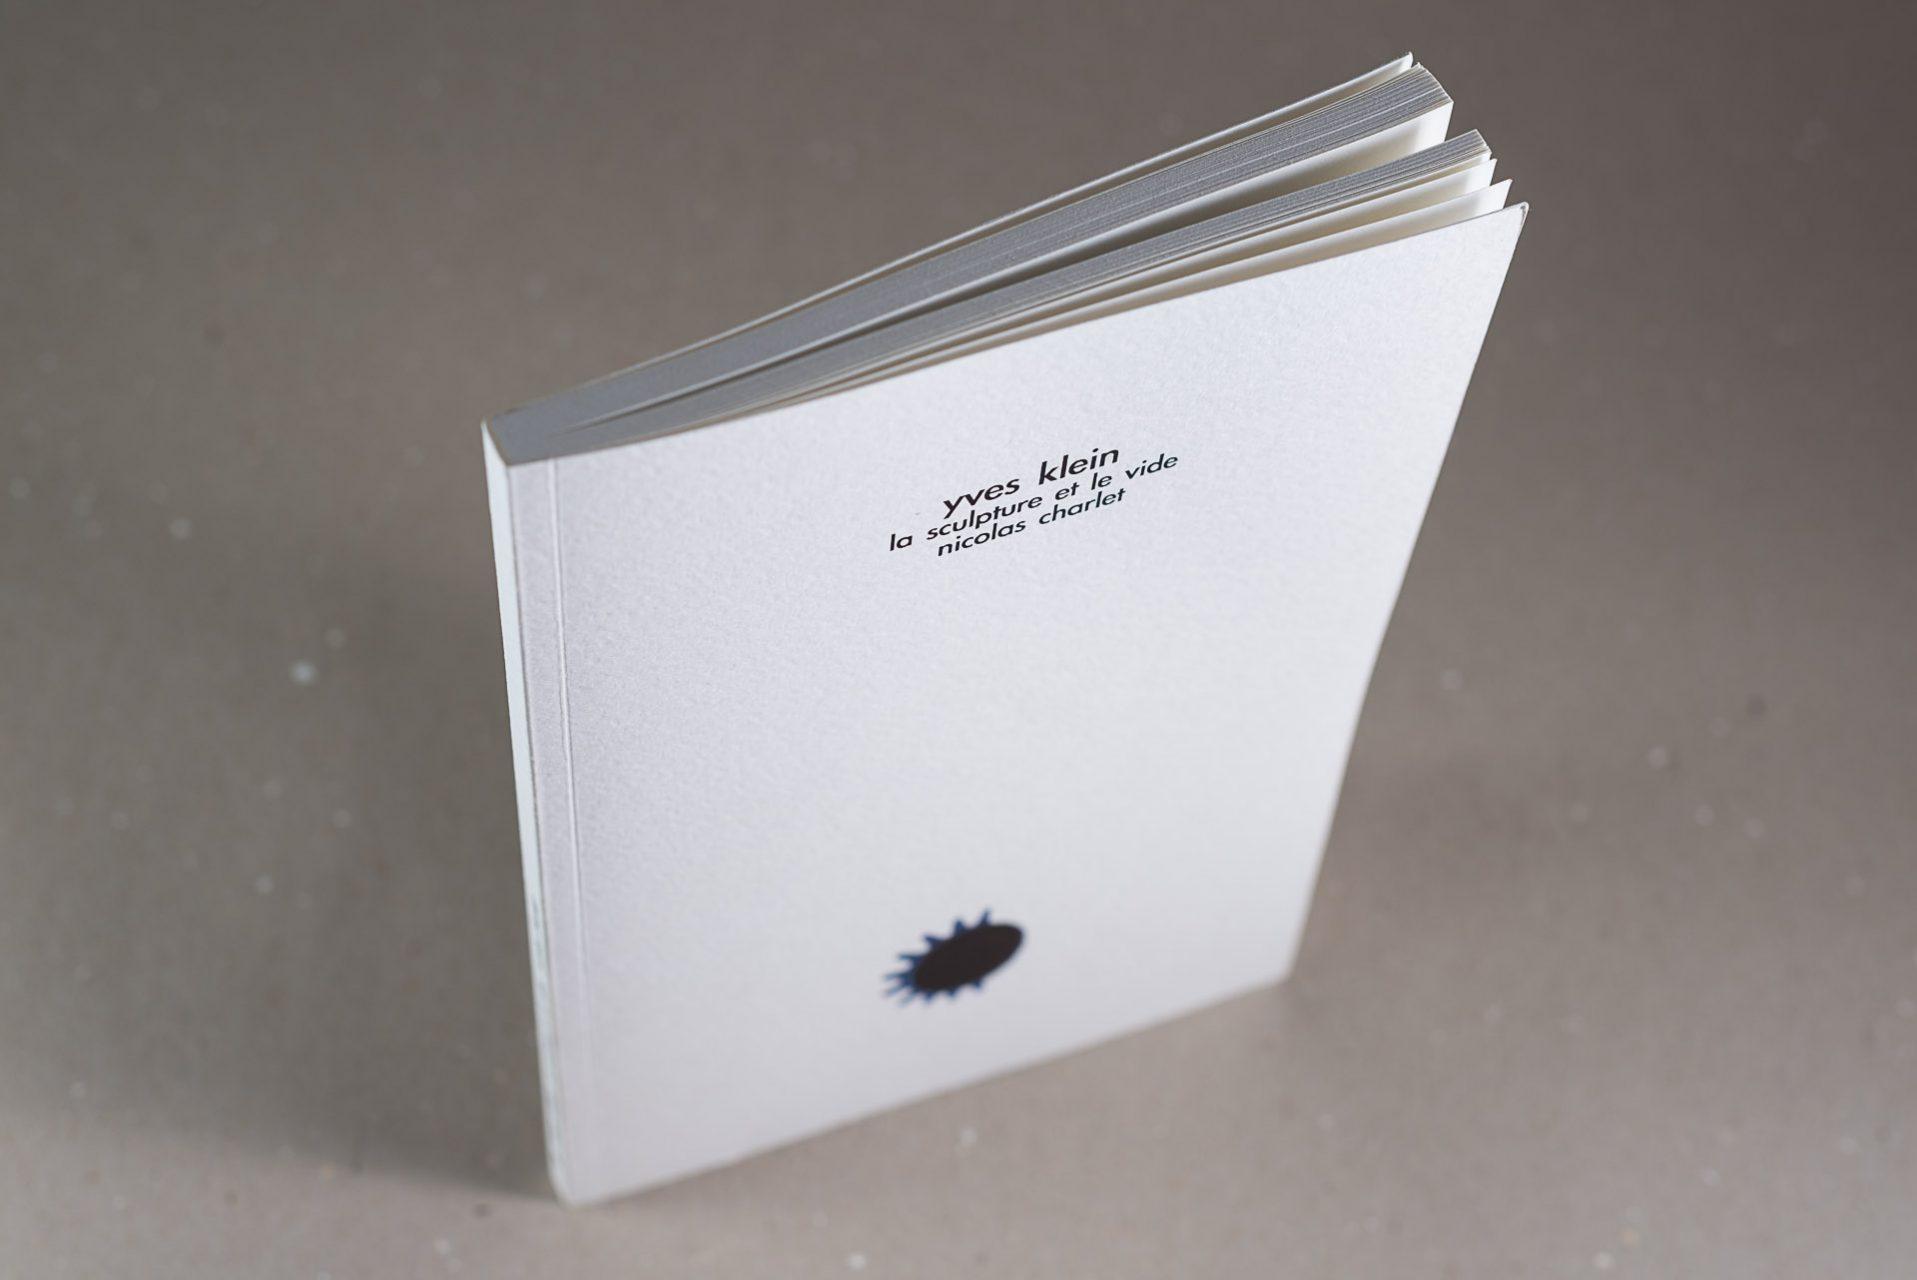 web-hd-nuit-myrtide-livre-yves-klein-la-sculpture-et-le-vide-nicolas-charlet-02